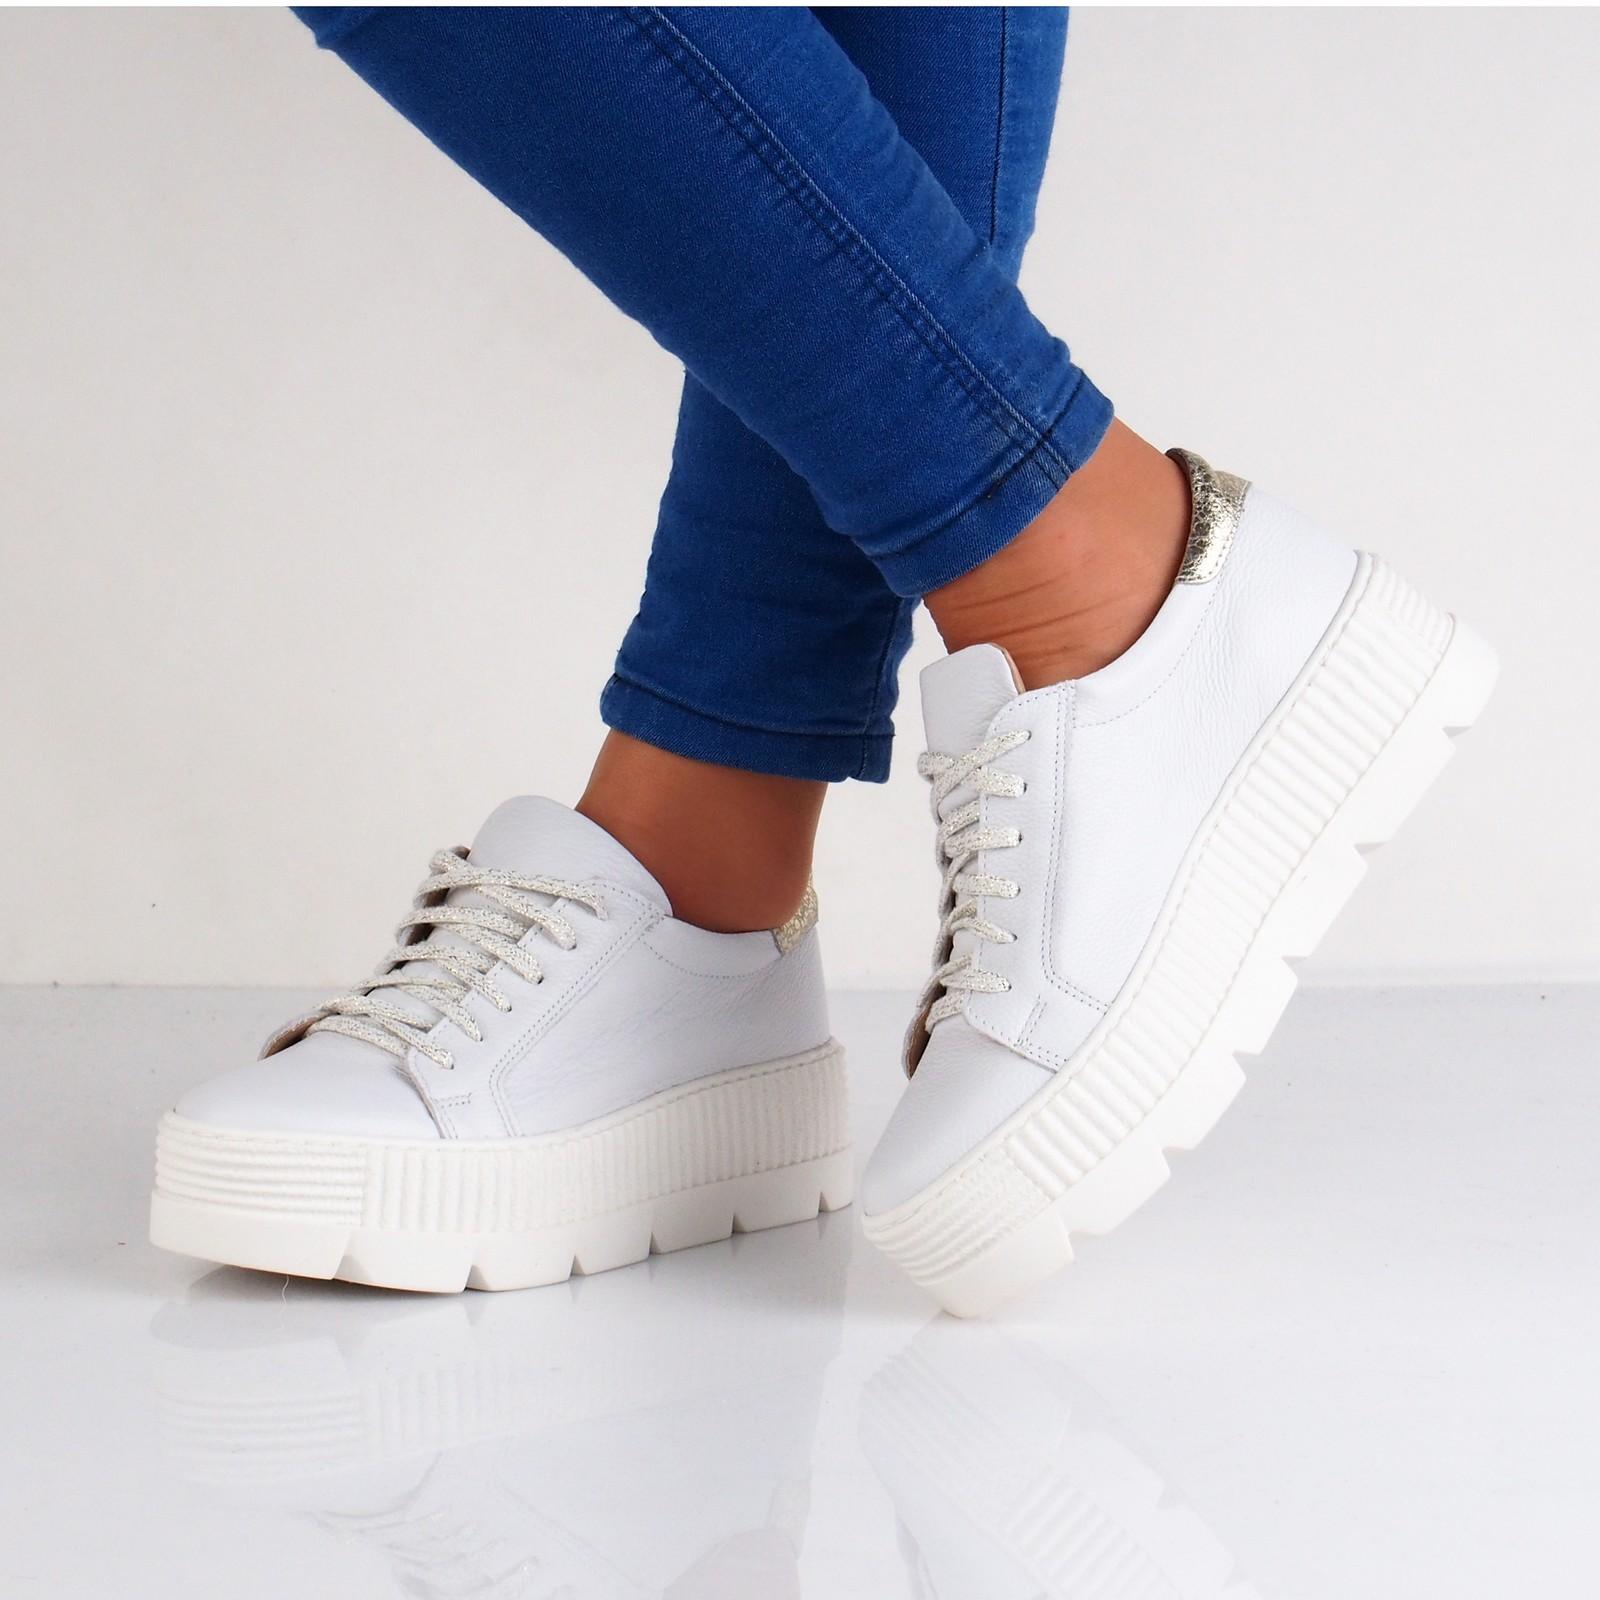 31924c0941b23 Olivia shoes dámske tenisky na platforme - biele | DTE089-WHT/GOLD ...